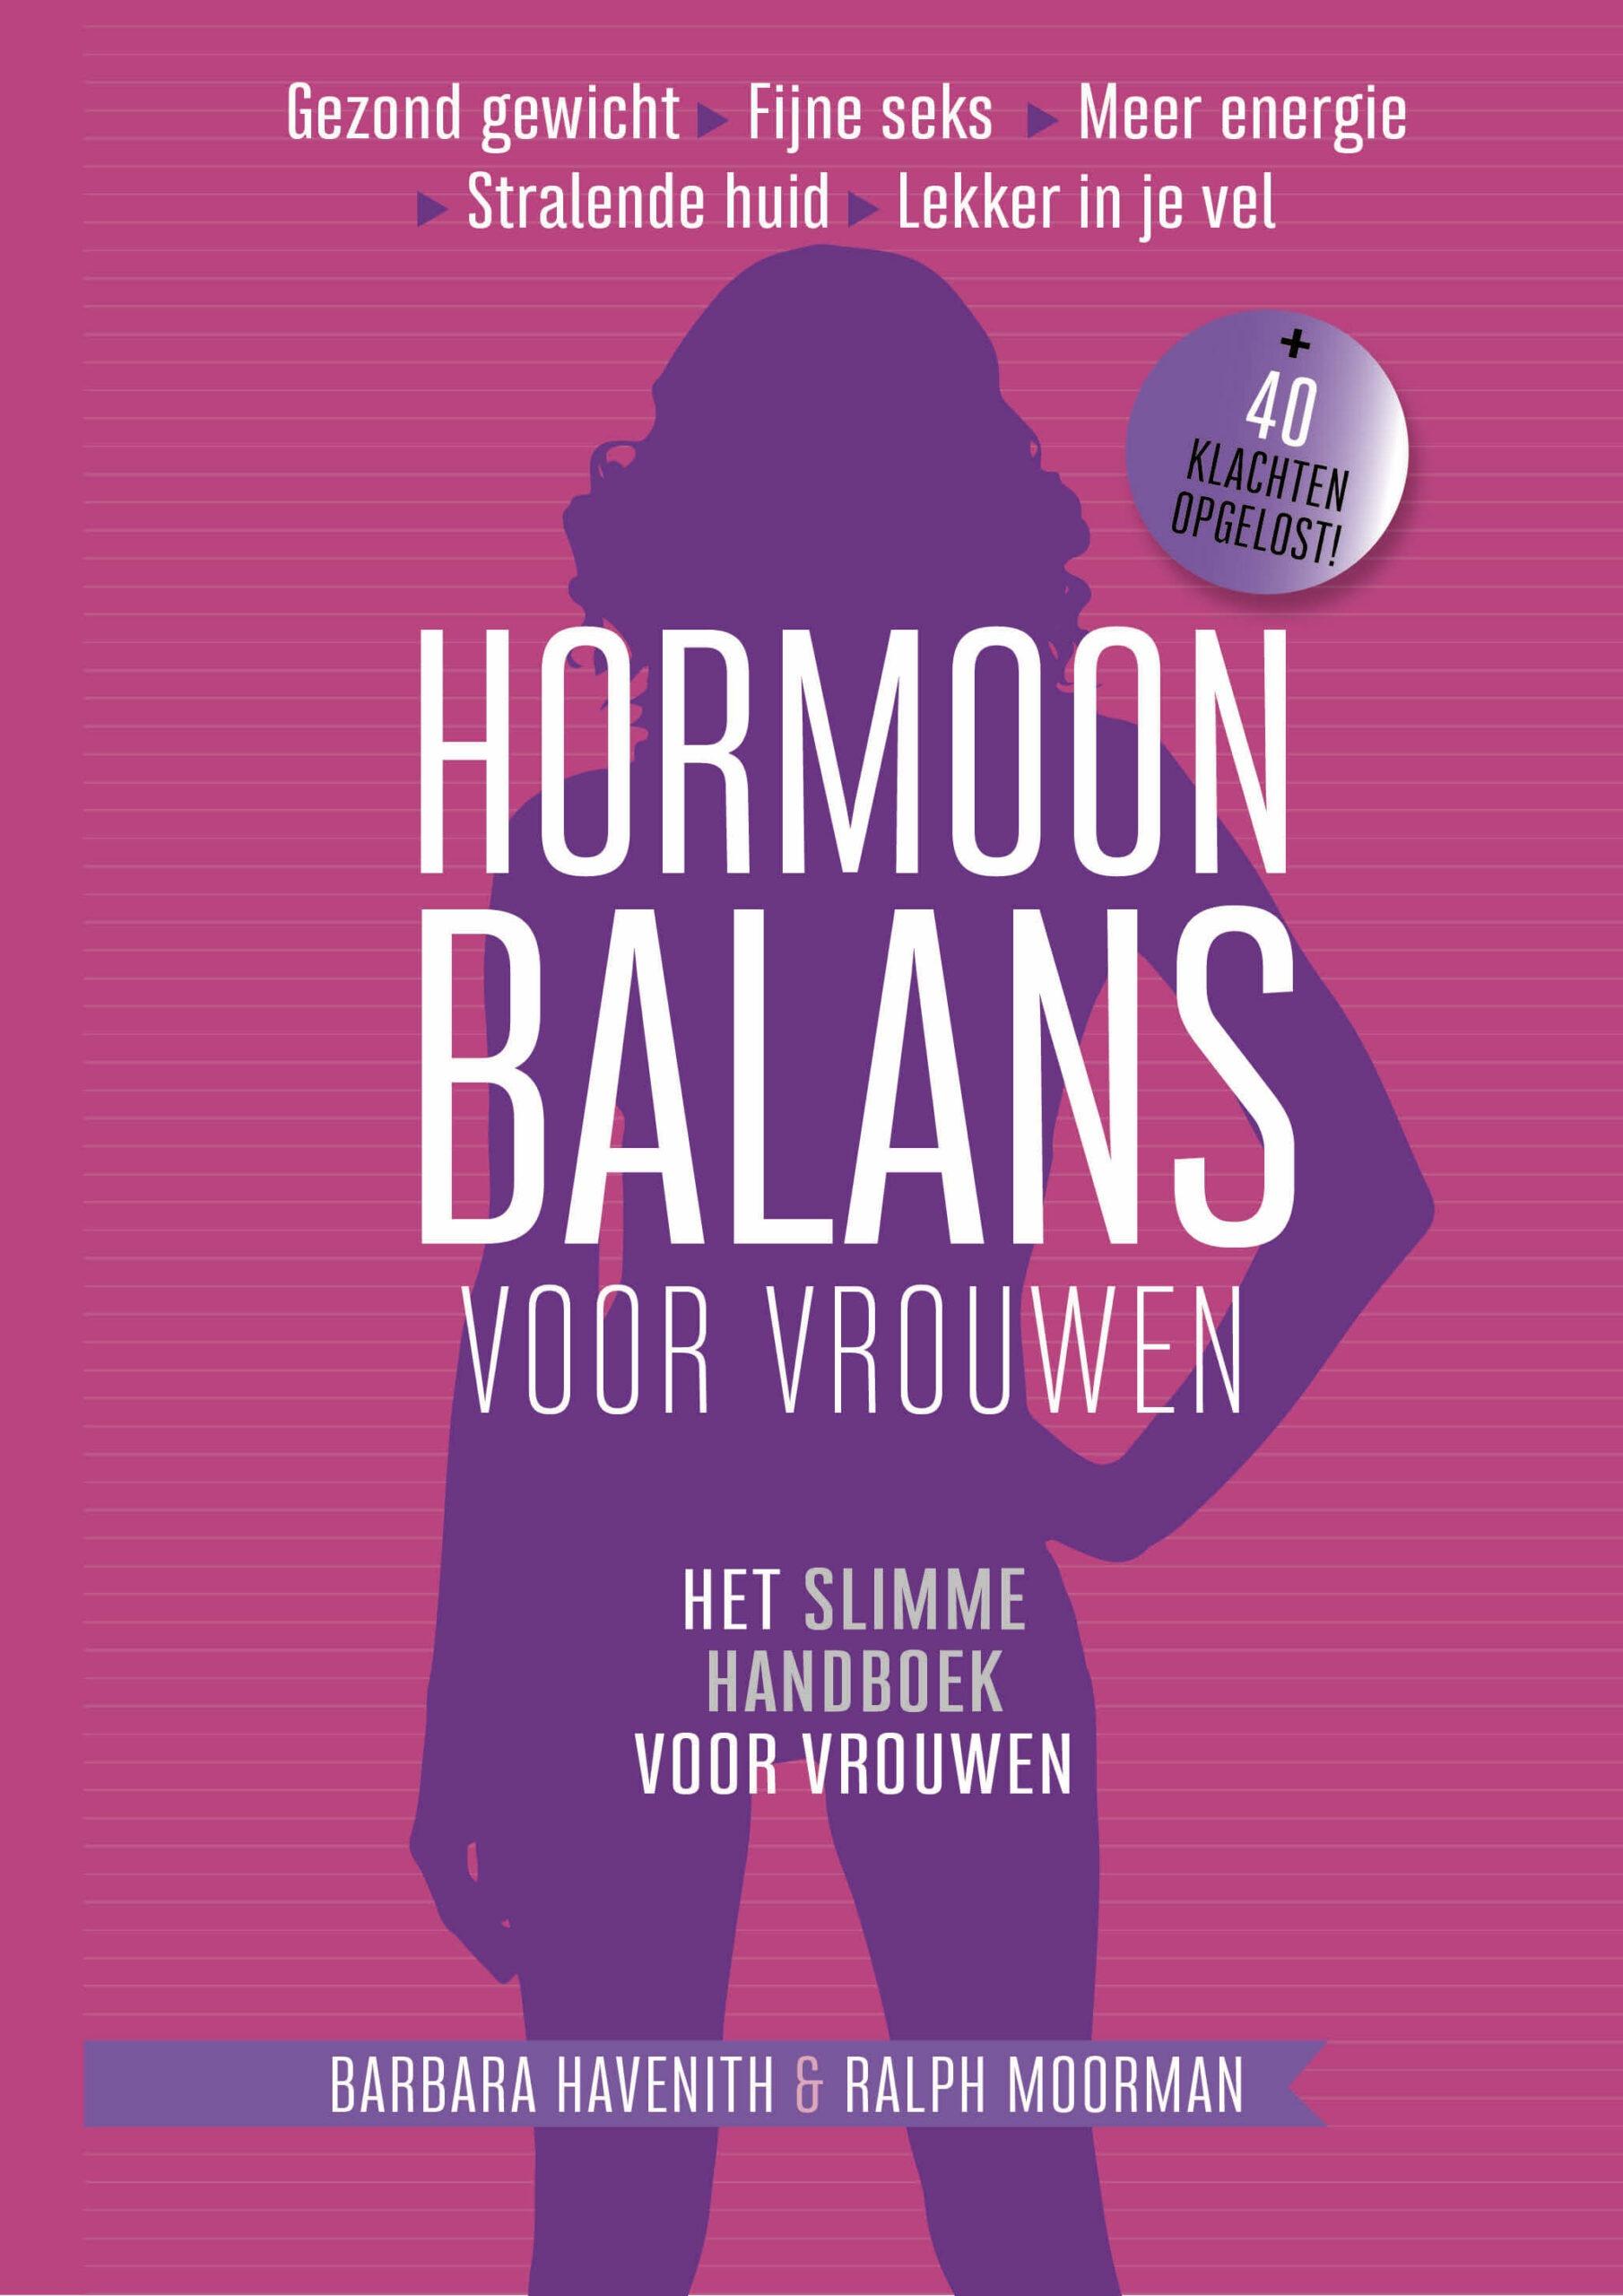 Hormoonbalans voor vrouwen voorcover lr